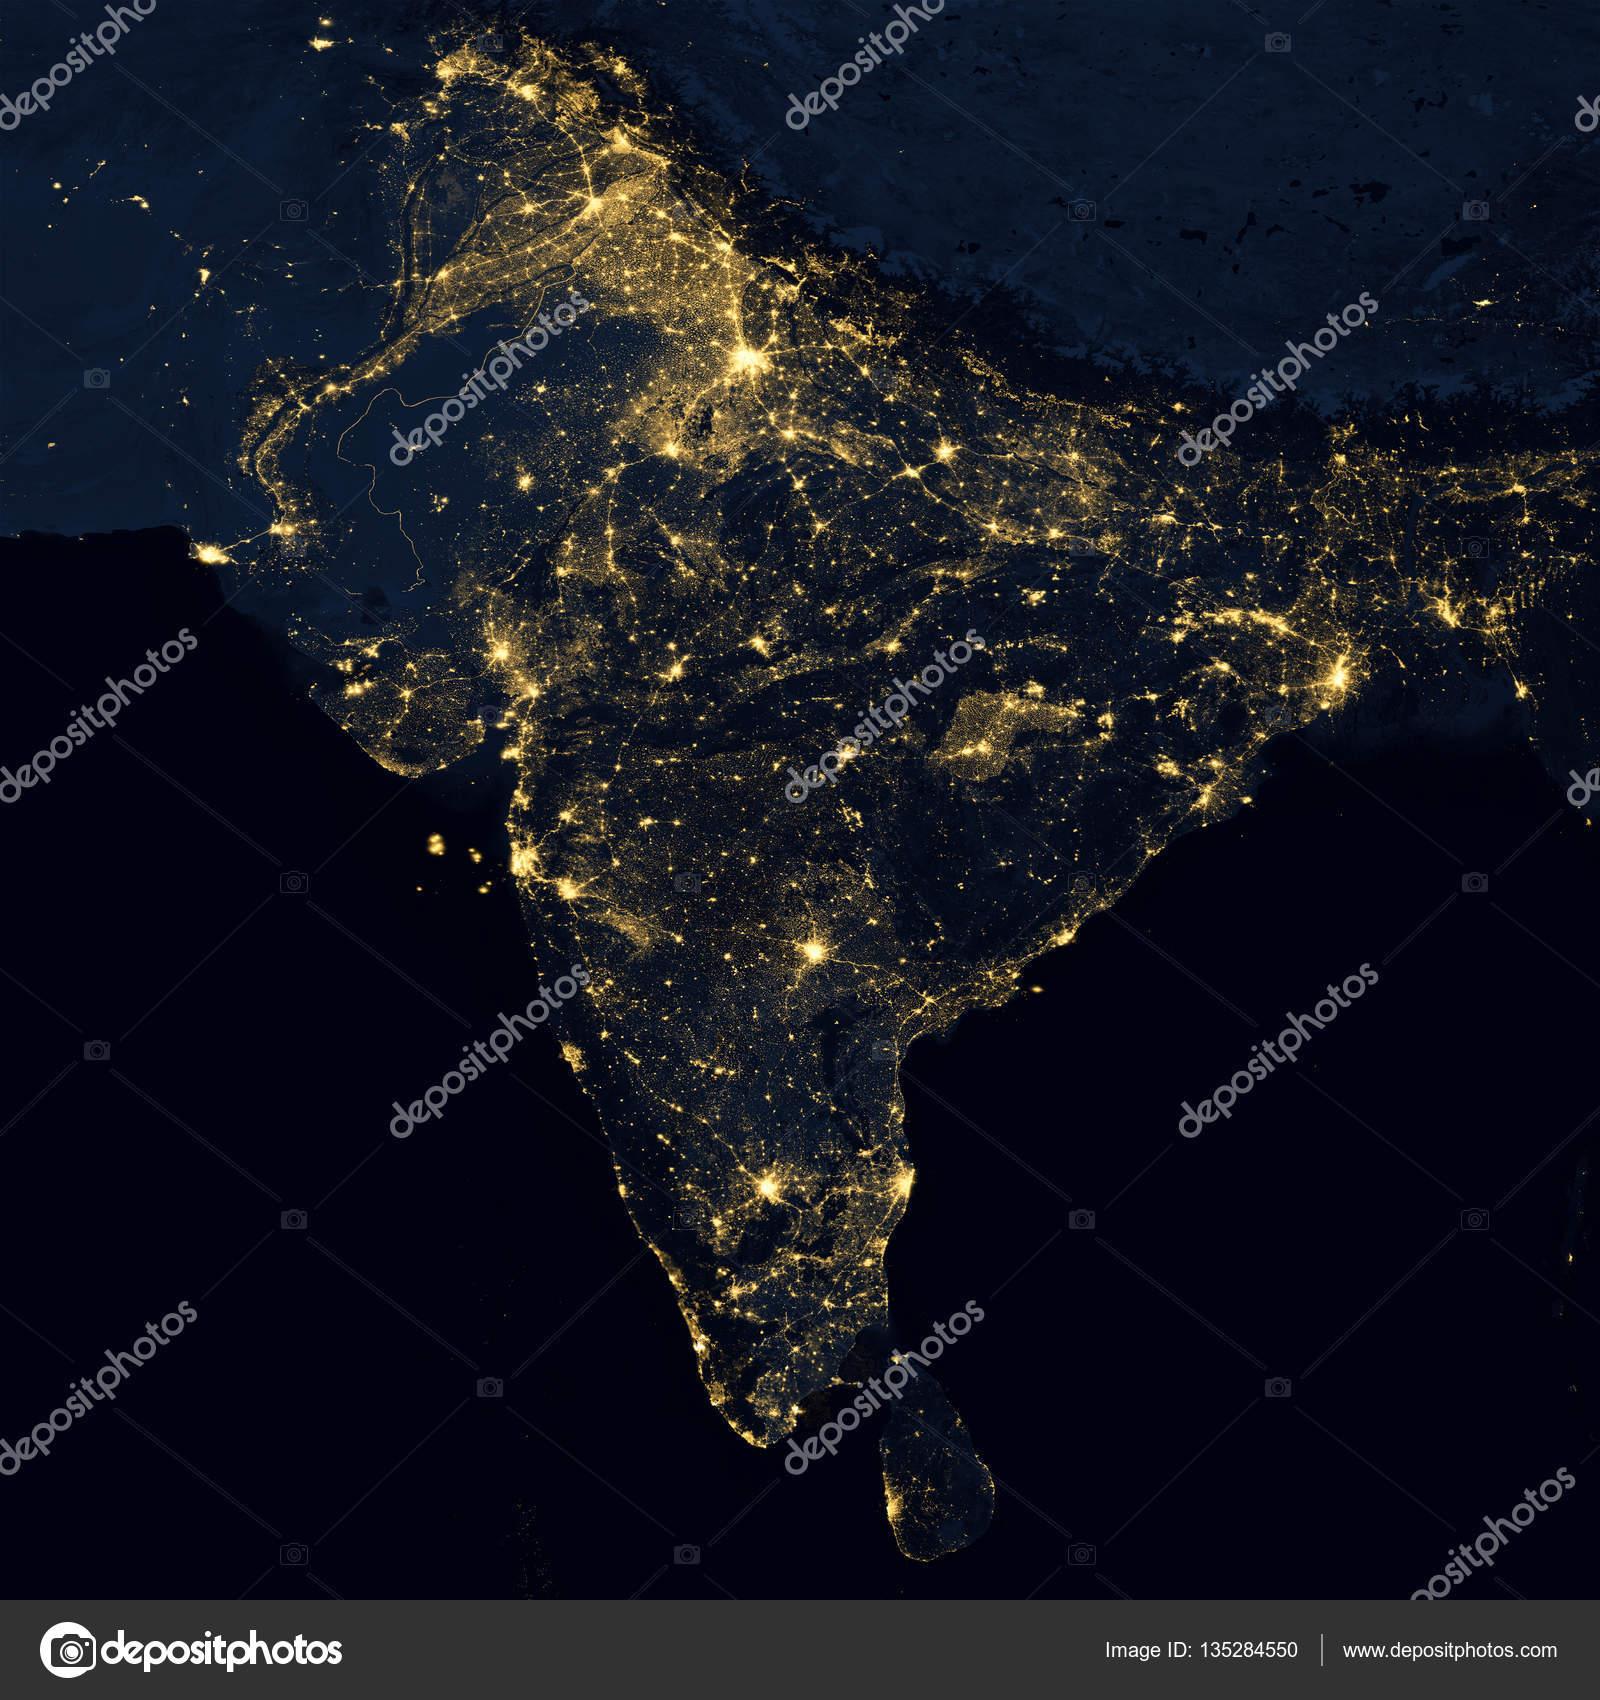 Luces de la ciudad en el mapa del mundo india foto de stock luces de la ciudad en el mapa del mundo india elementos de esta imagen son equipados por la nasa foto de nasaage gumiabroncs Images